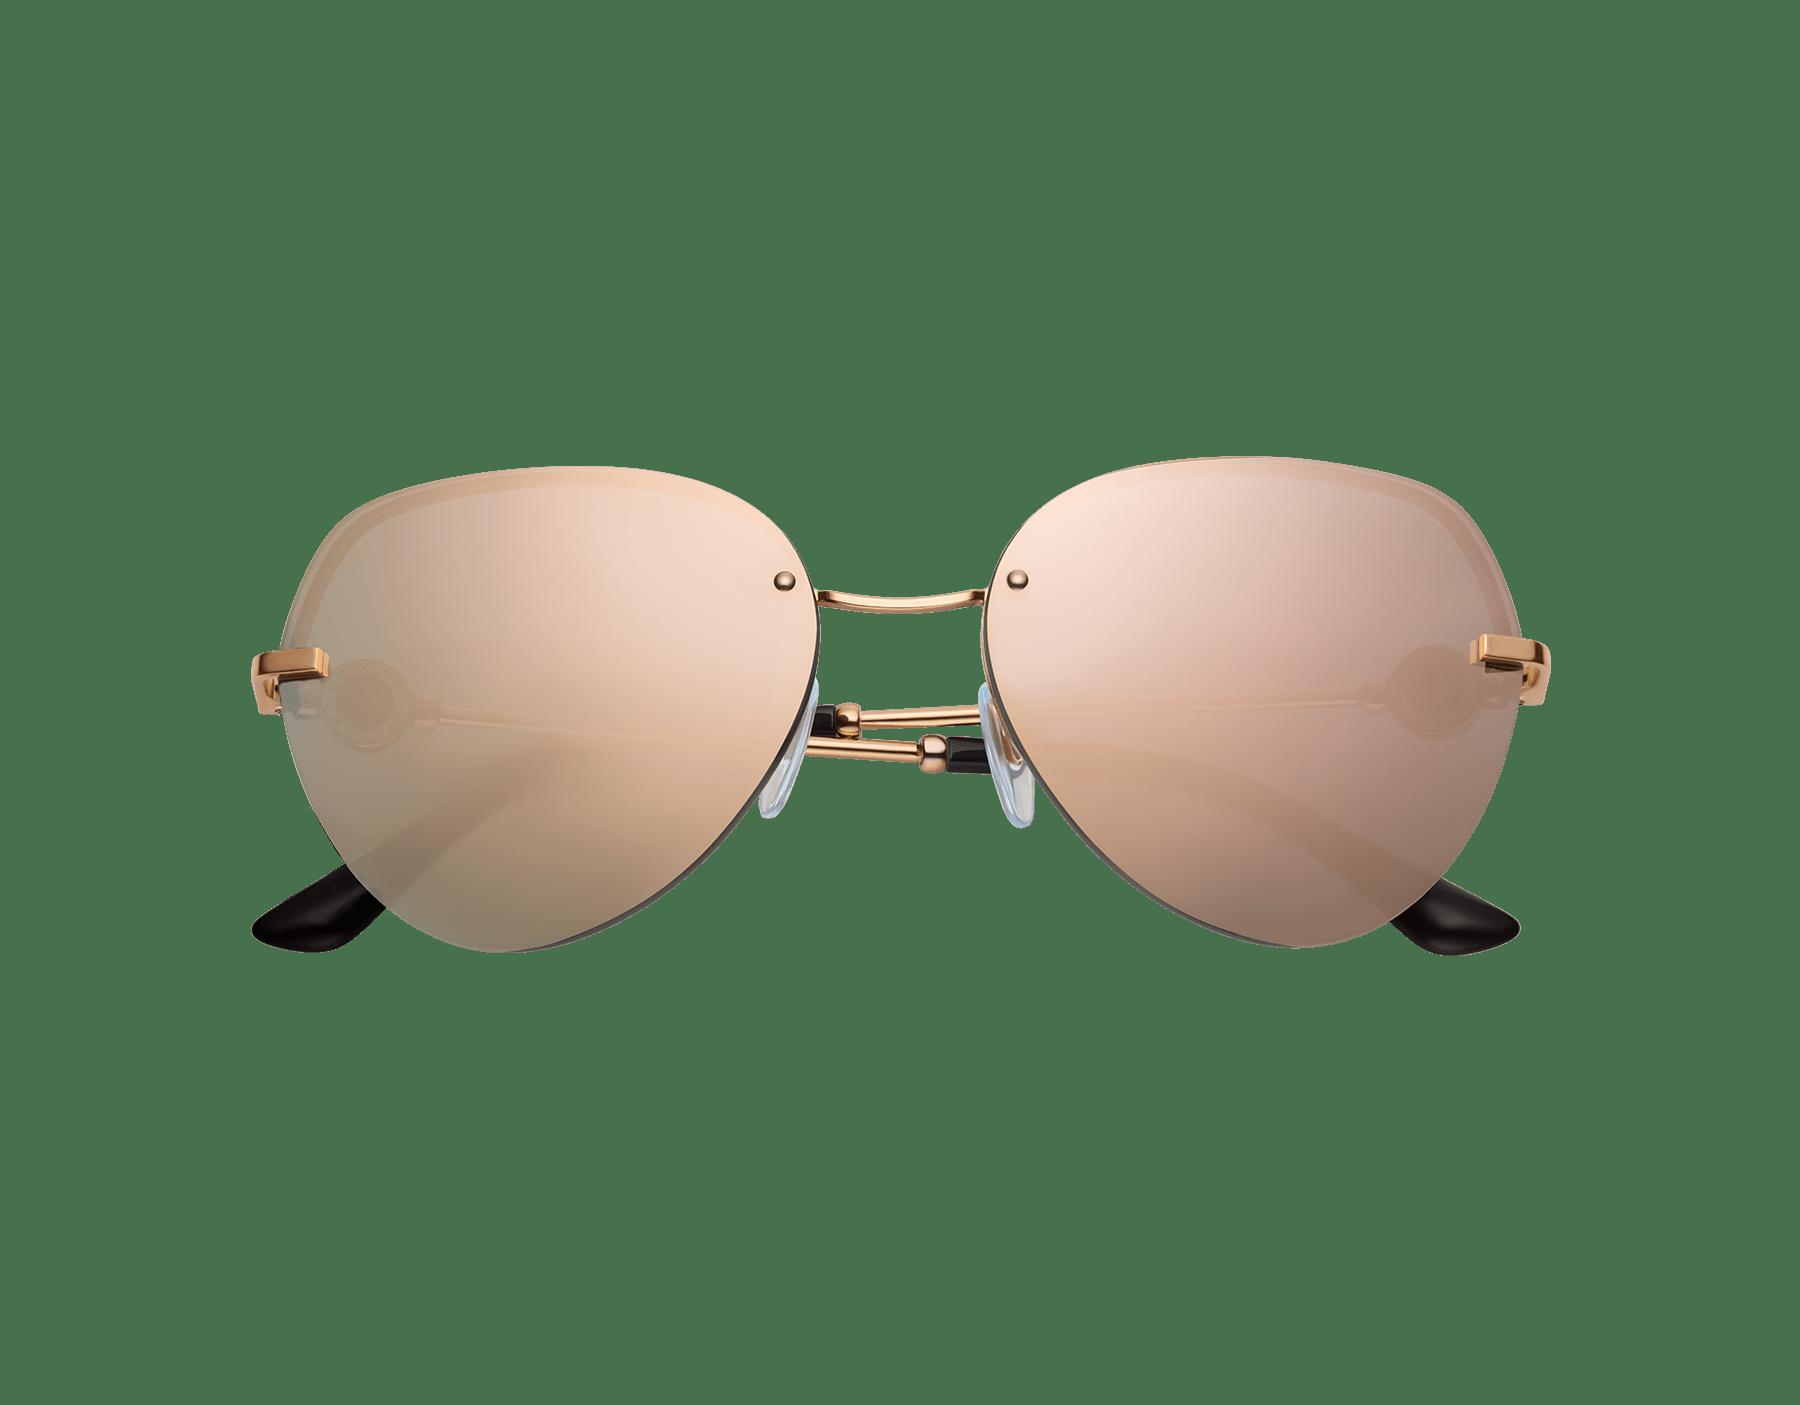 BVLGARI BVLGARI semi-rimless aviator sunglasses. 903540 image 2